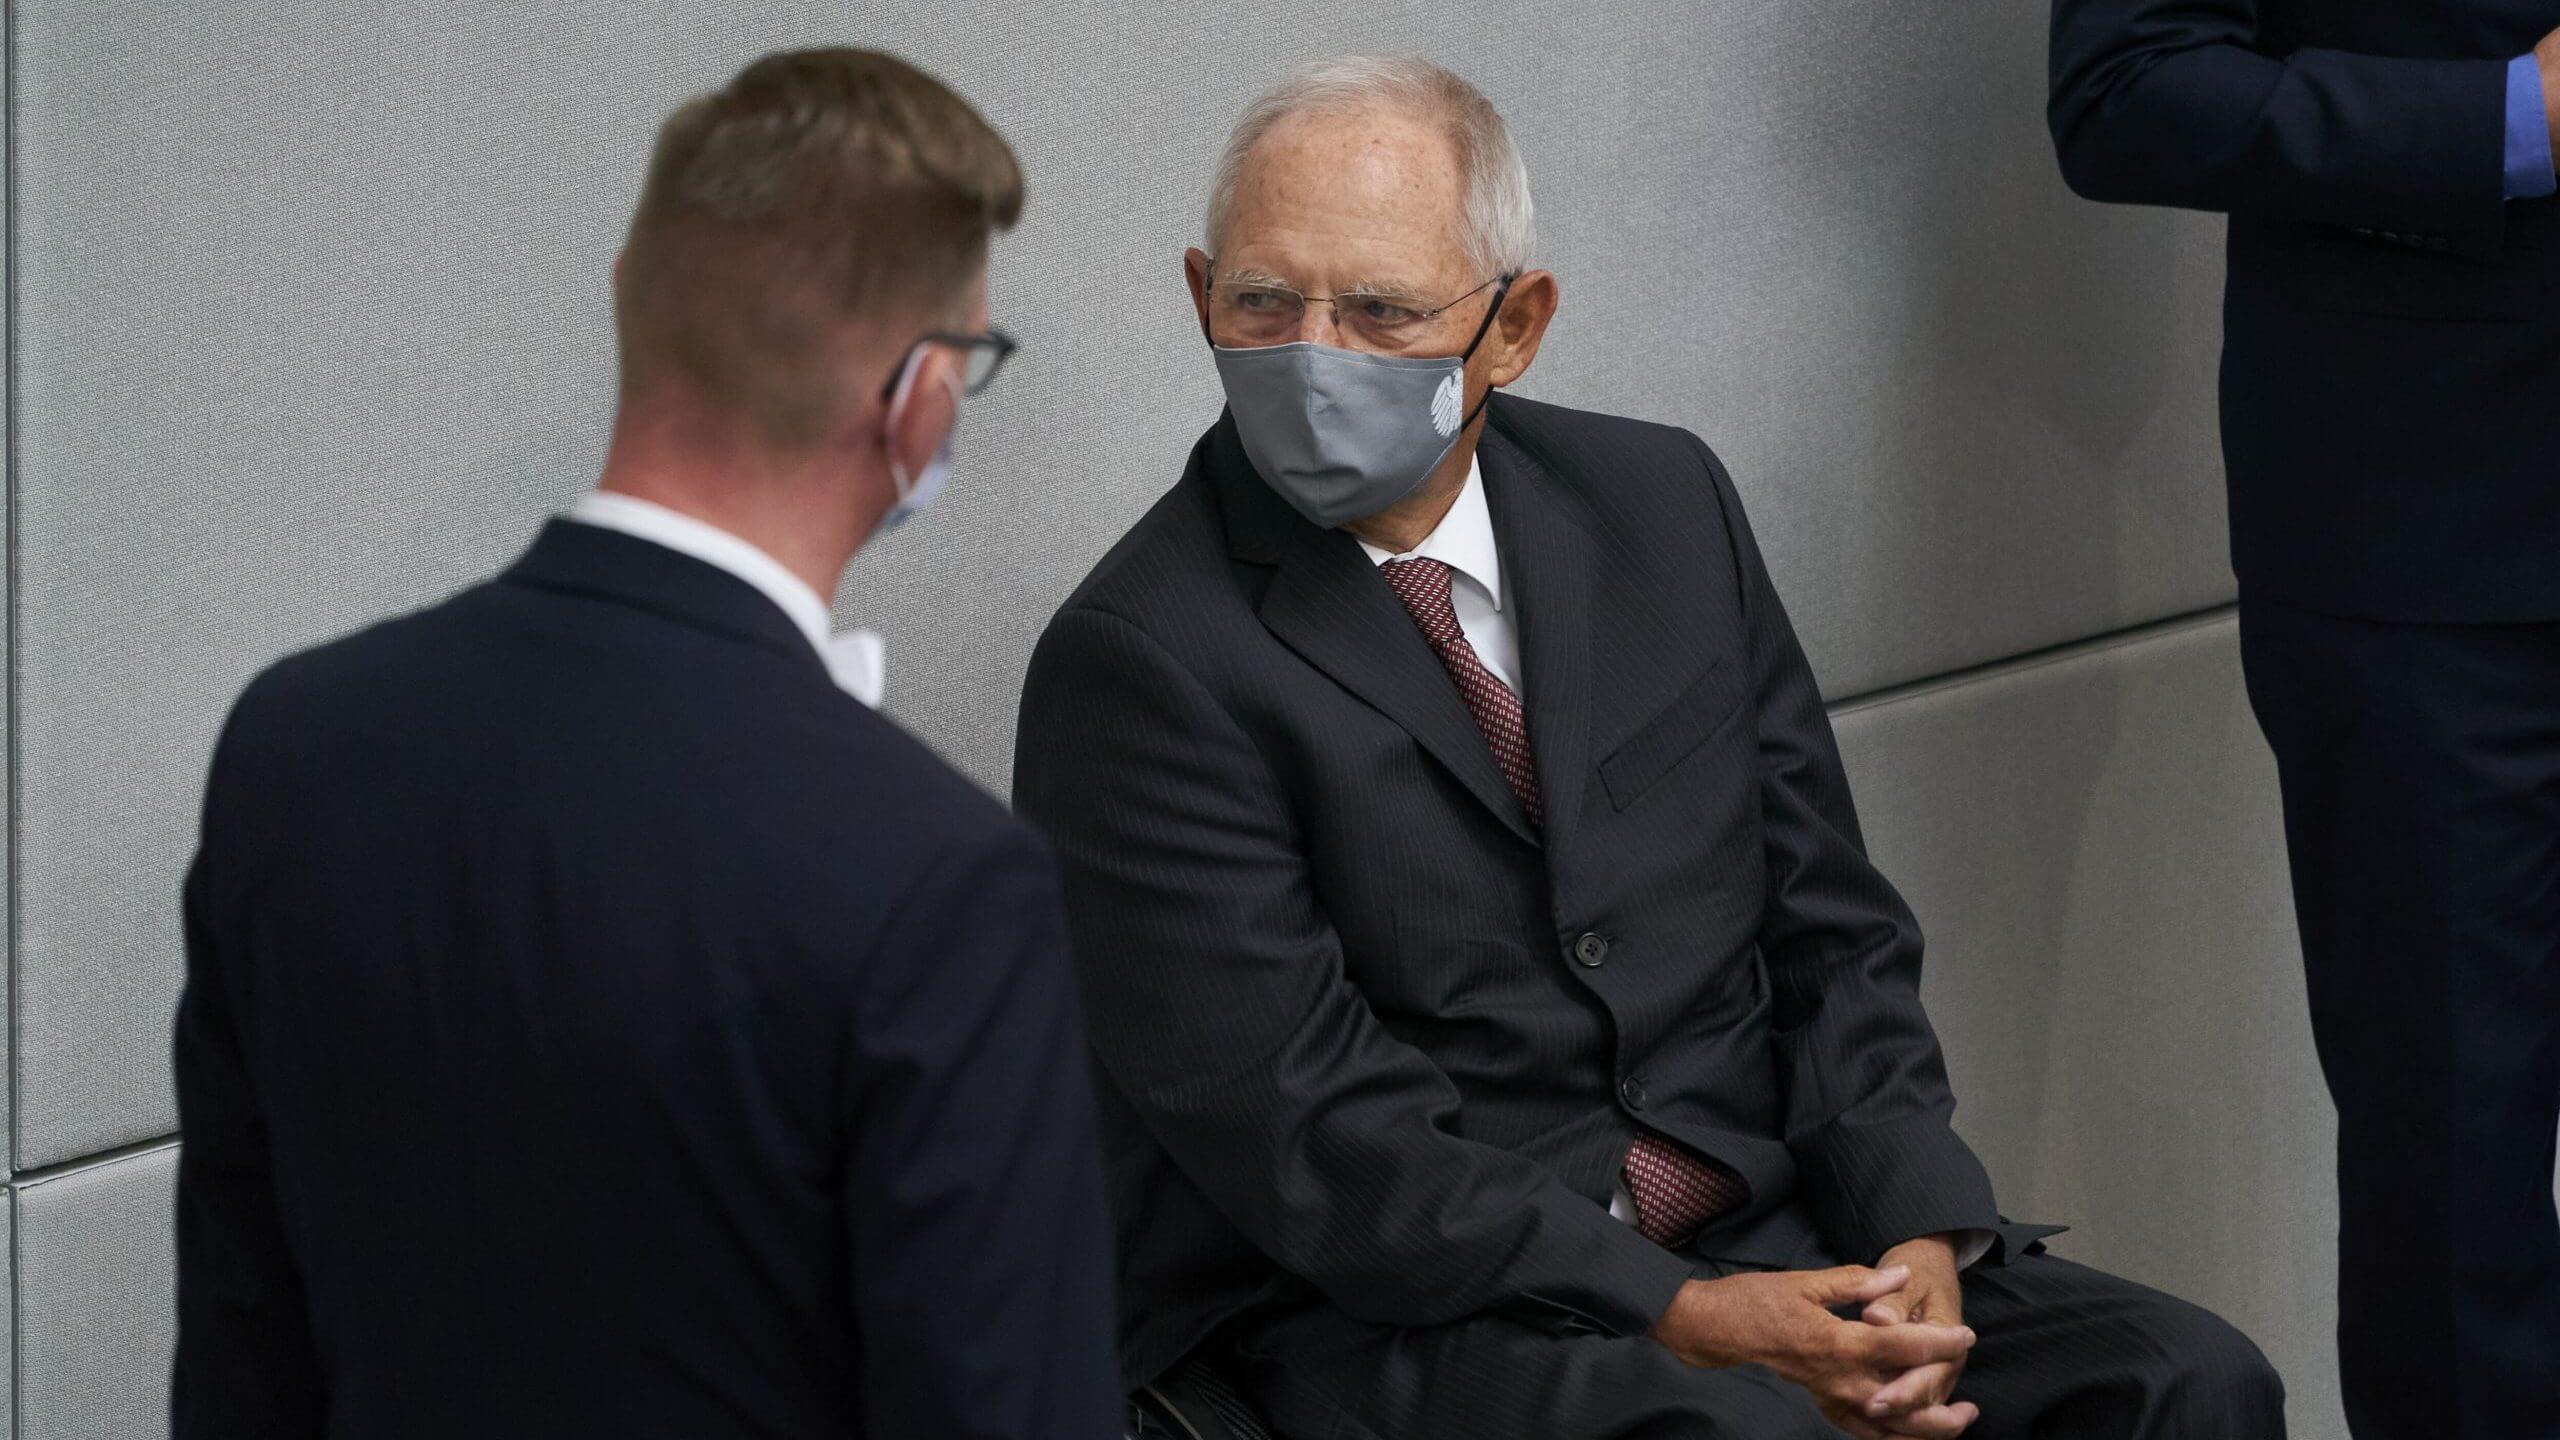 Mund-Nasen-Bedeckung: Nein, der Bundestag hat Mitarbeiter nicht vor Gesundheitsgefahren durch hohe CO2-Werte im Blut gewarnt